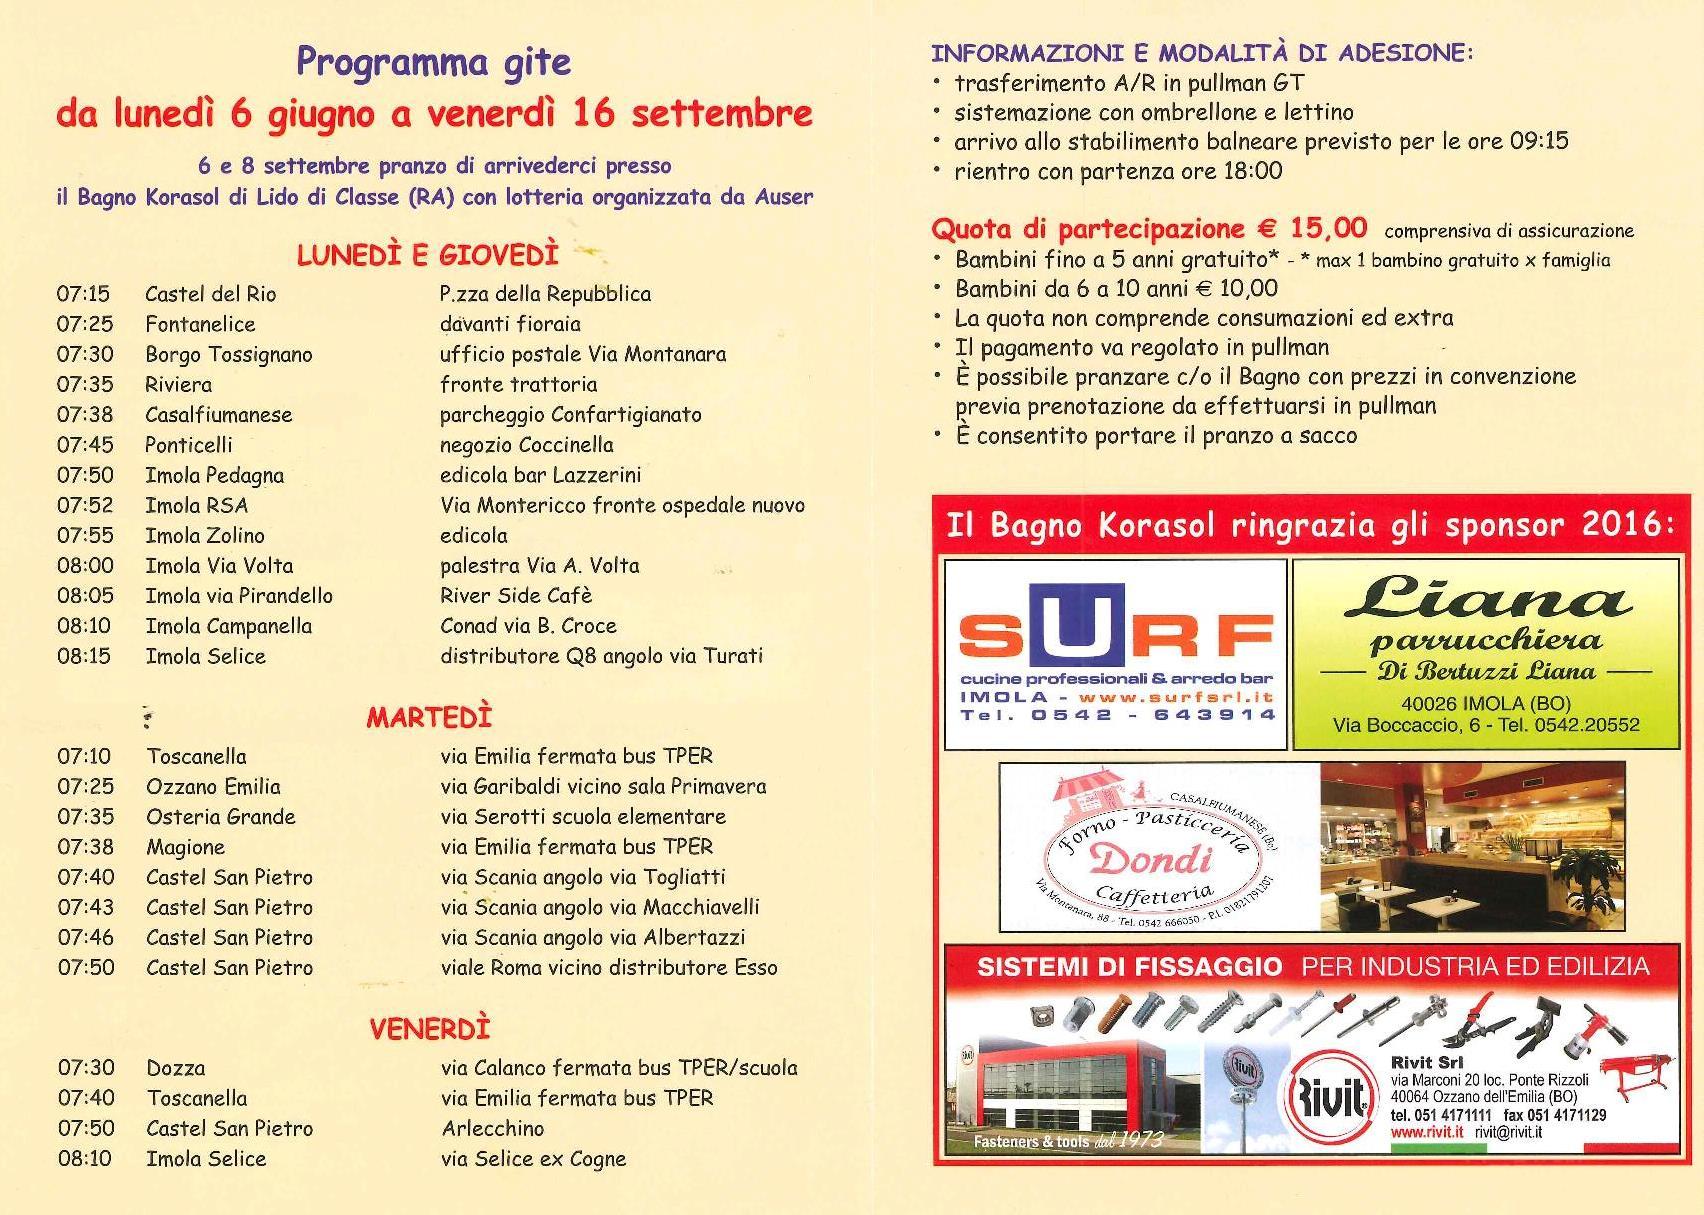 Progetto piano salute estate 2016 coerbus for Bagno korasol